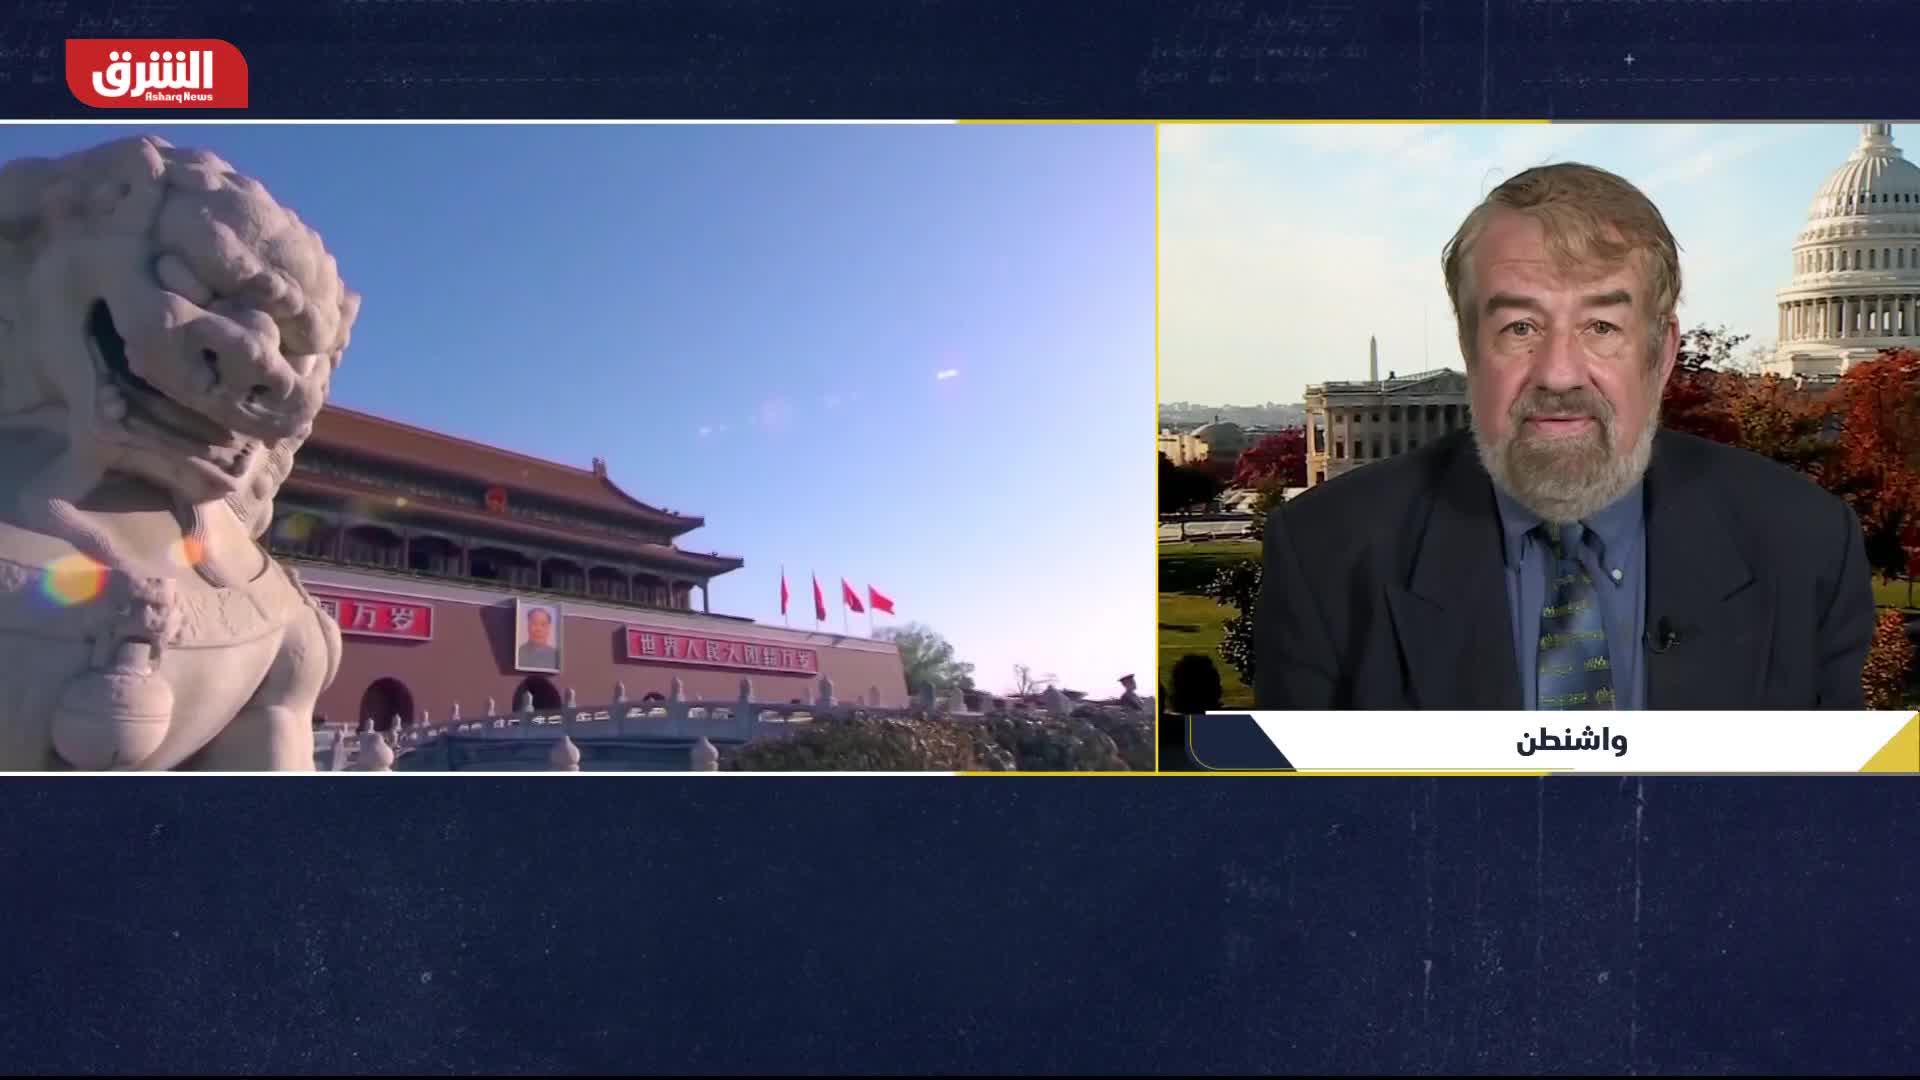 ما هي أبرز الملفات التي ستطرحها بكين خلال زيارة ويندي شيرمان؟